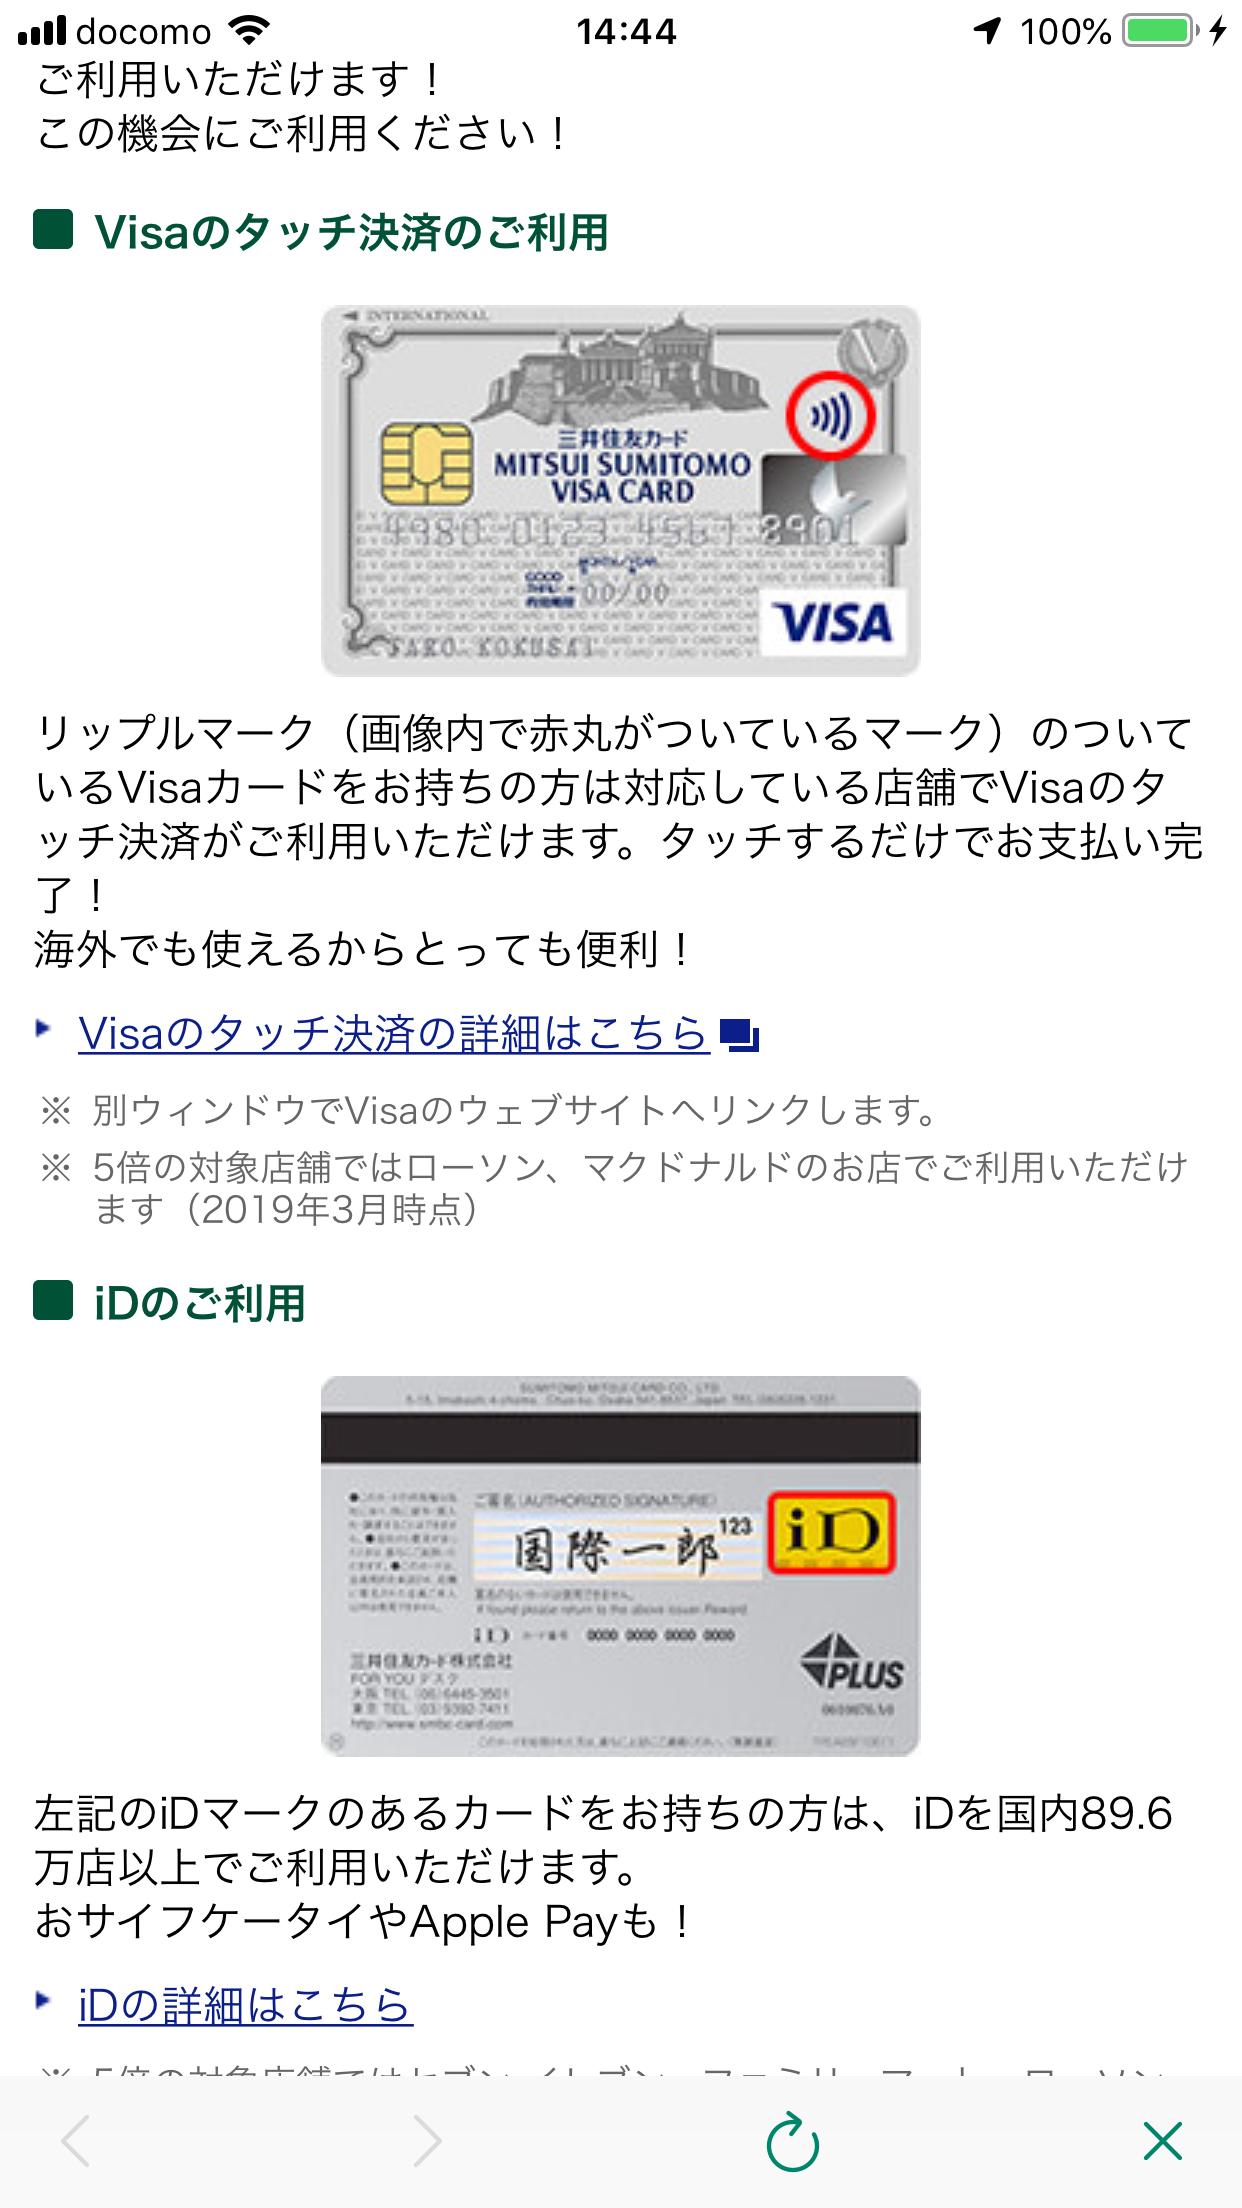 f:id:SeisoSakuya:20190303145110p:image